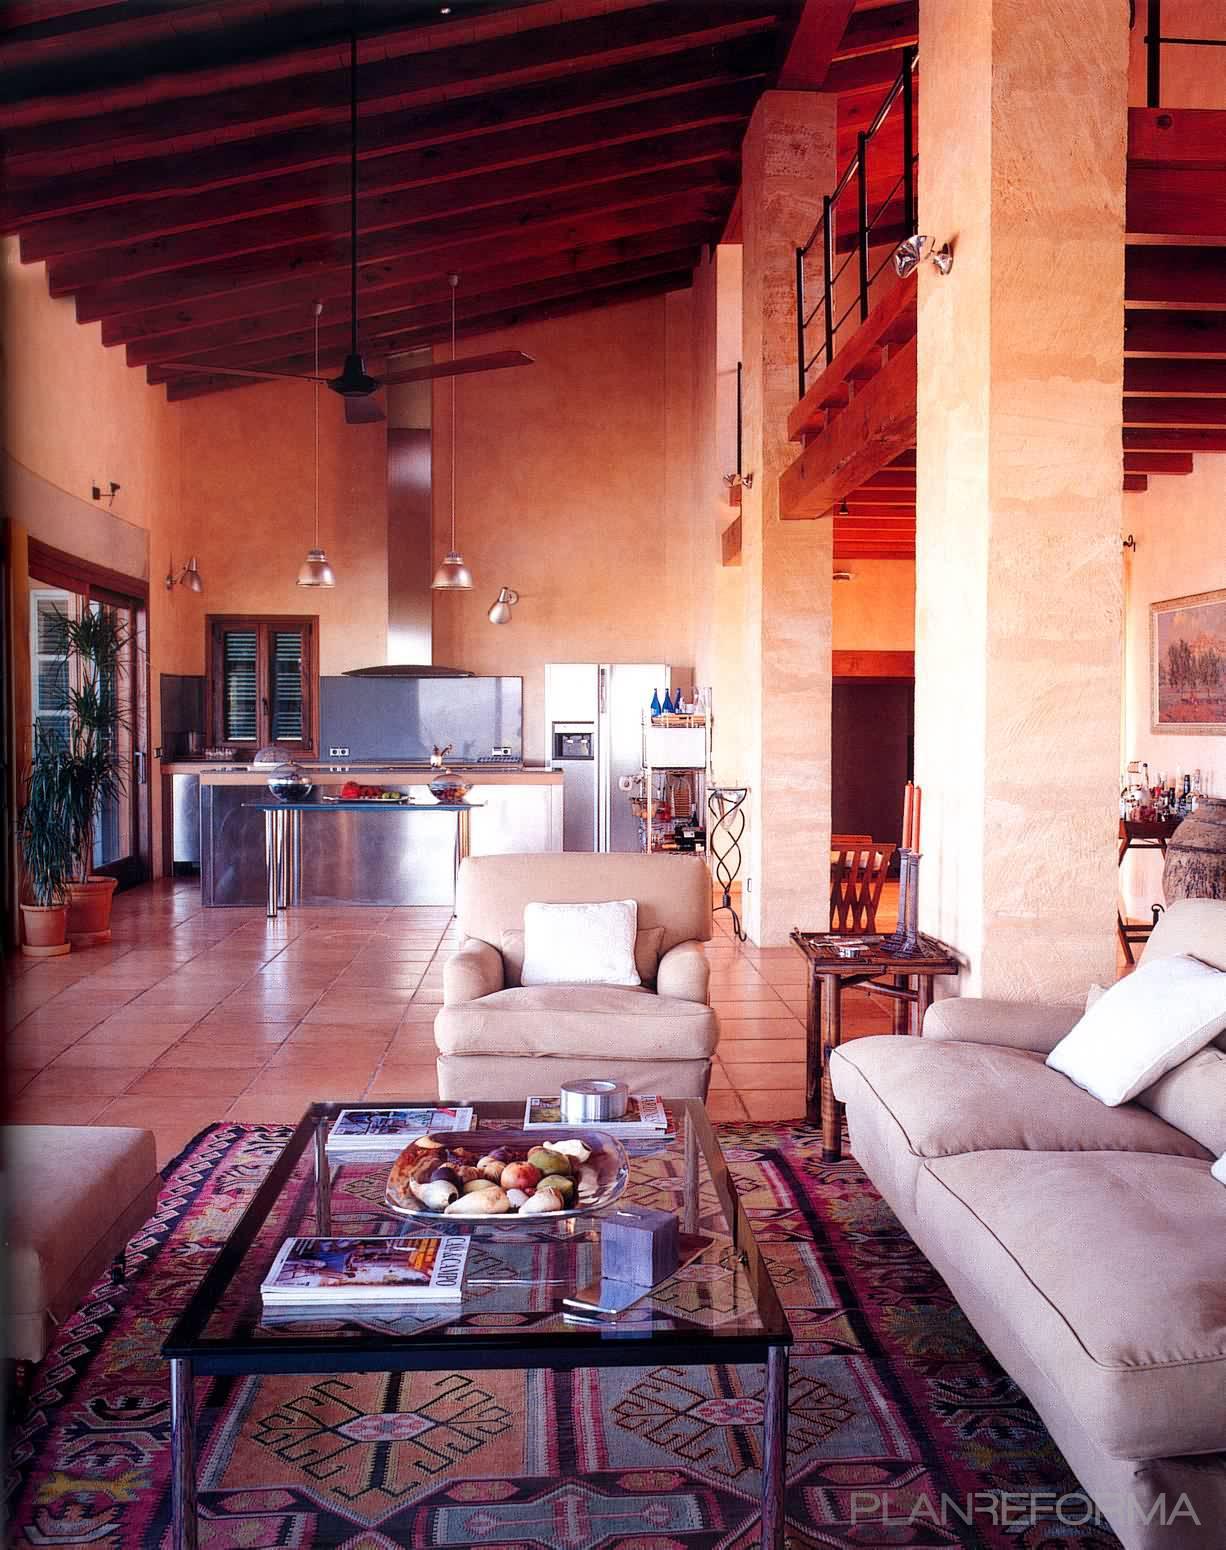 Cocina salon estilo rustico color beige marron - Salon cocina rustico ...